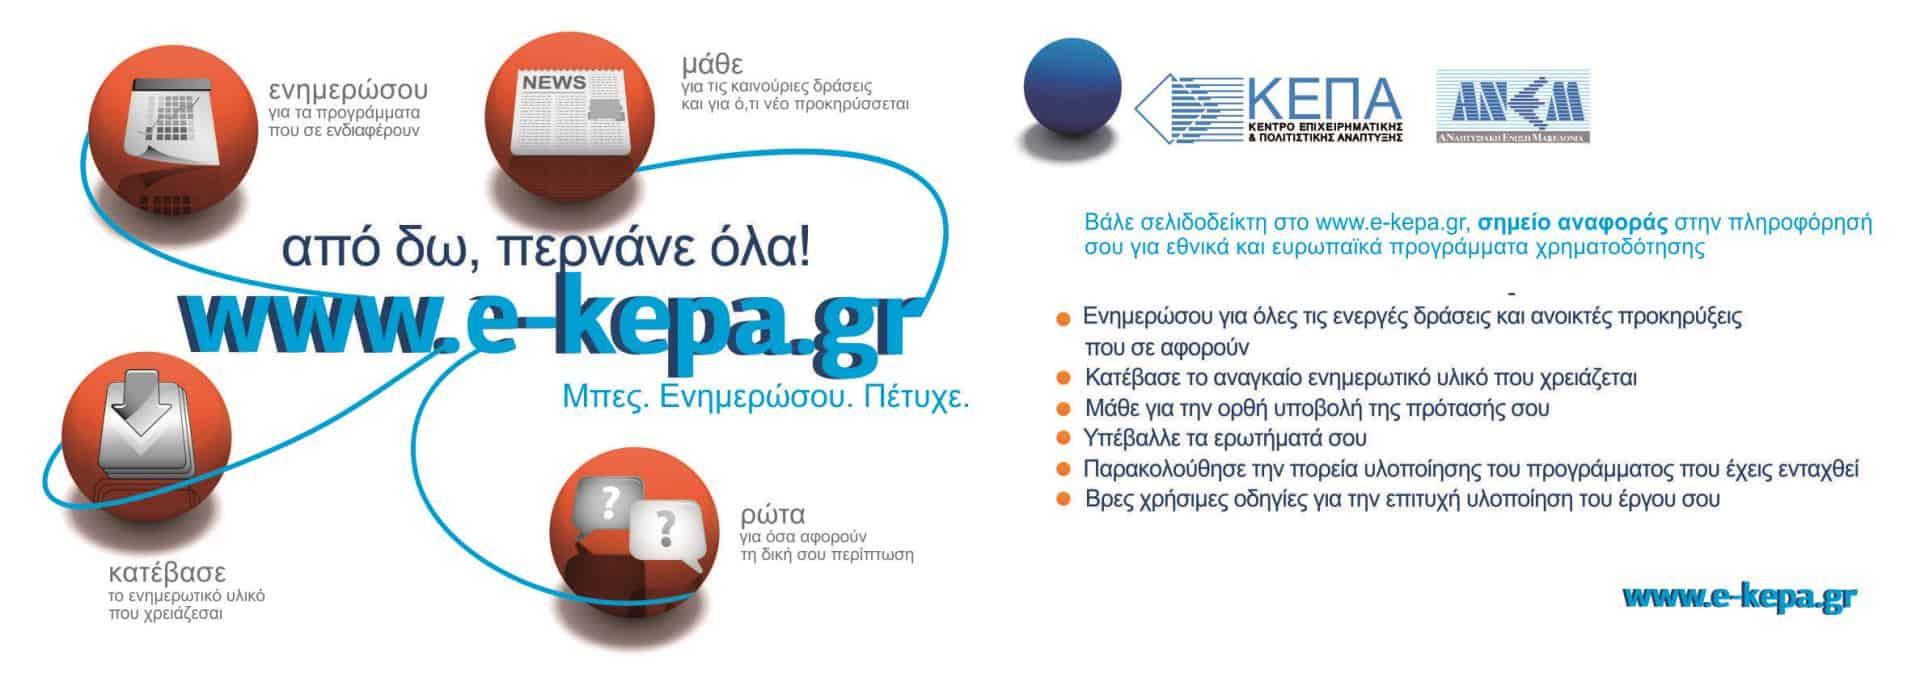 e-kepa.gr slide 01